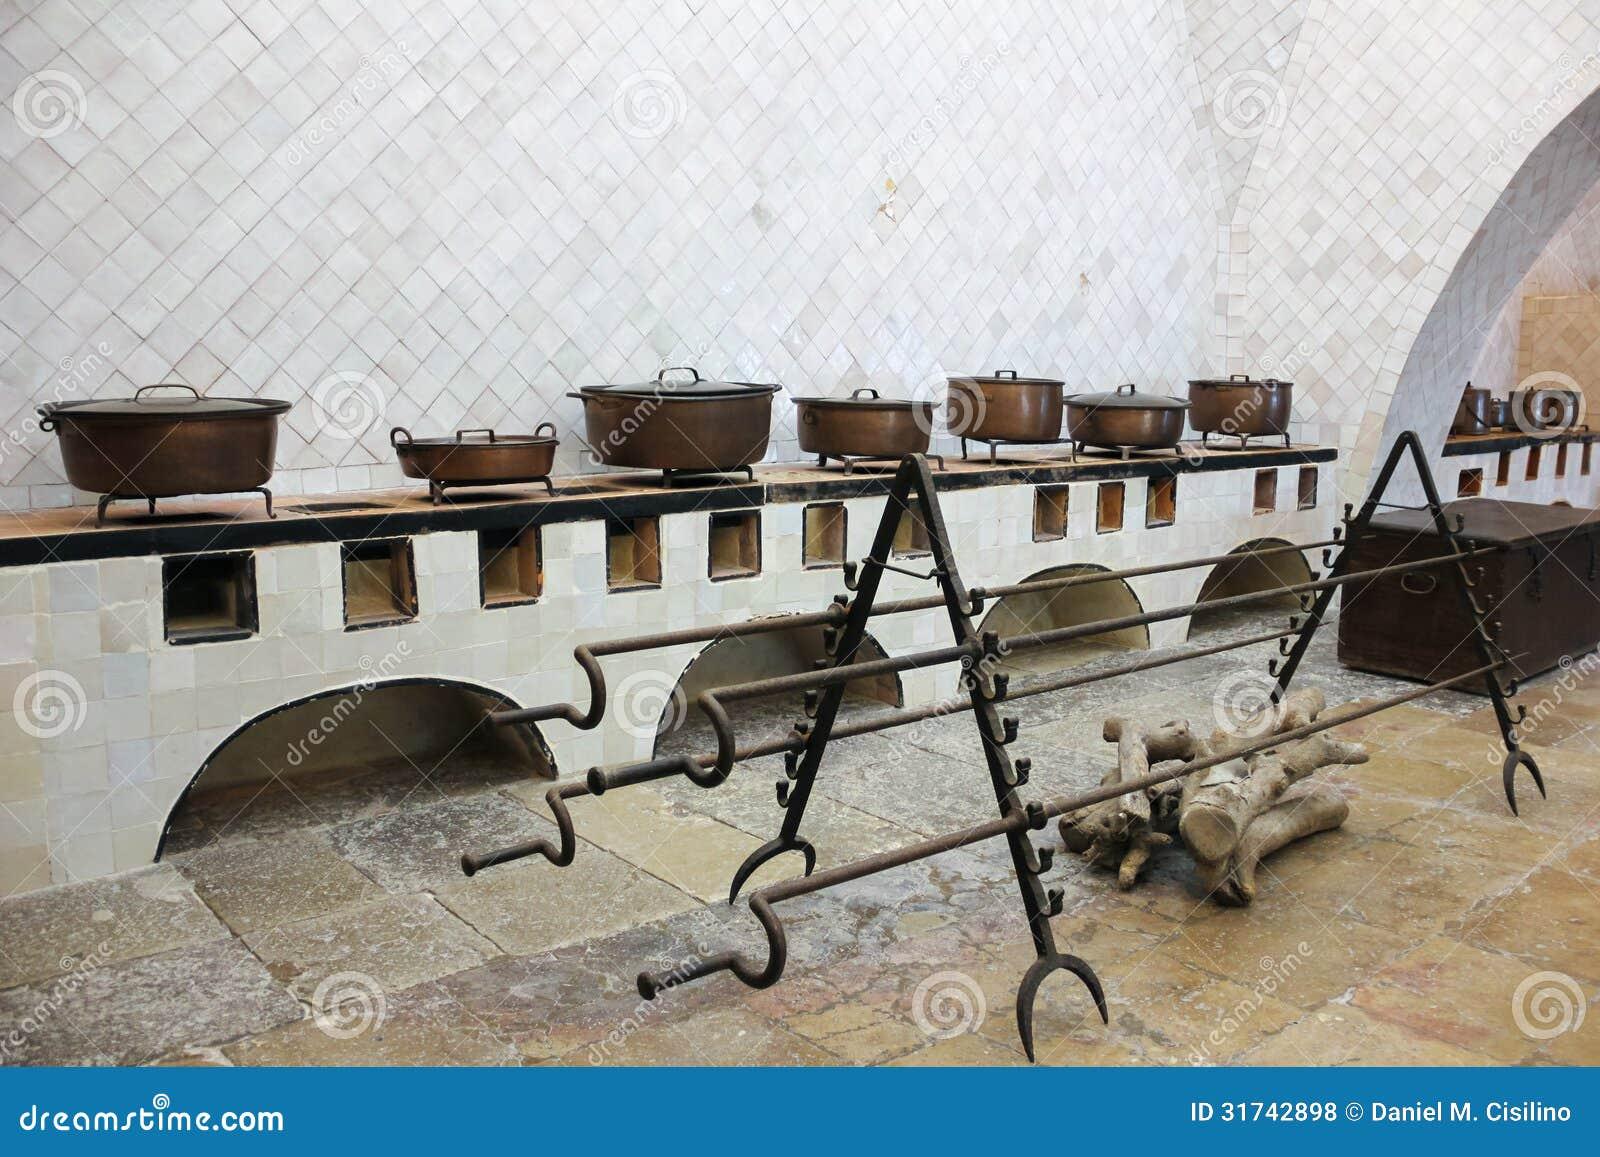 Madigg.com = Kok Lantligt Bilder ~ Intressanta idéer för hem kök ...